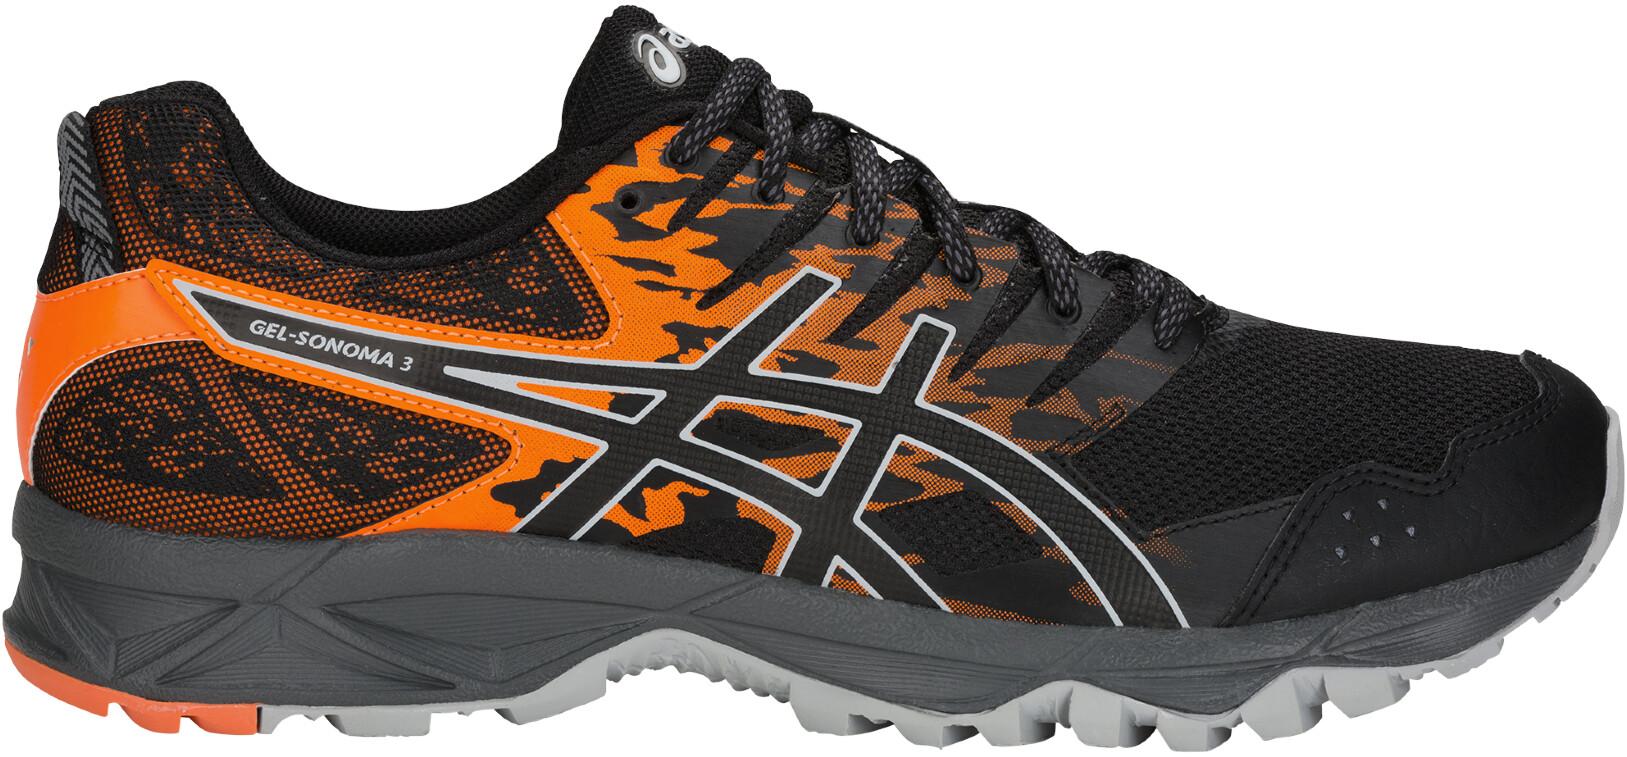 asics Gel-Sonoma 3 - Zapatillas running Hombre - naranja negro ... 7dd1534853df6